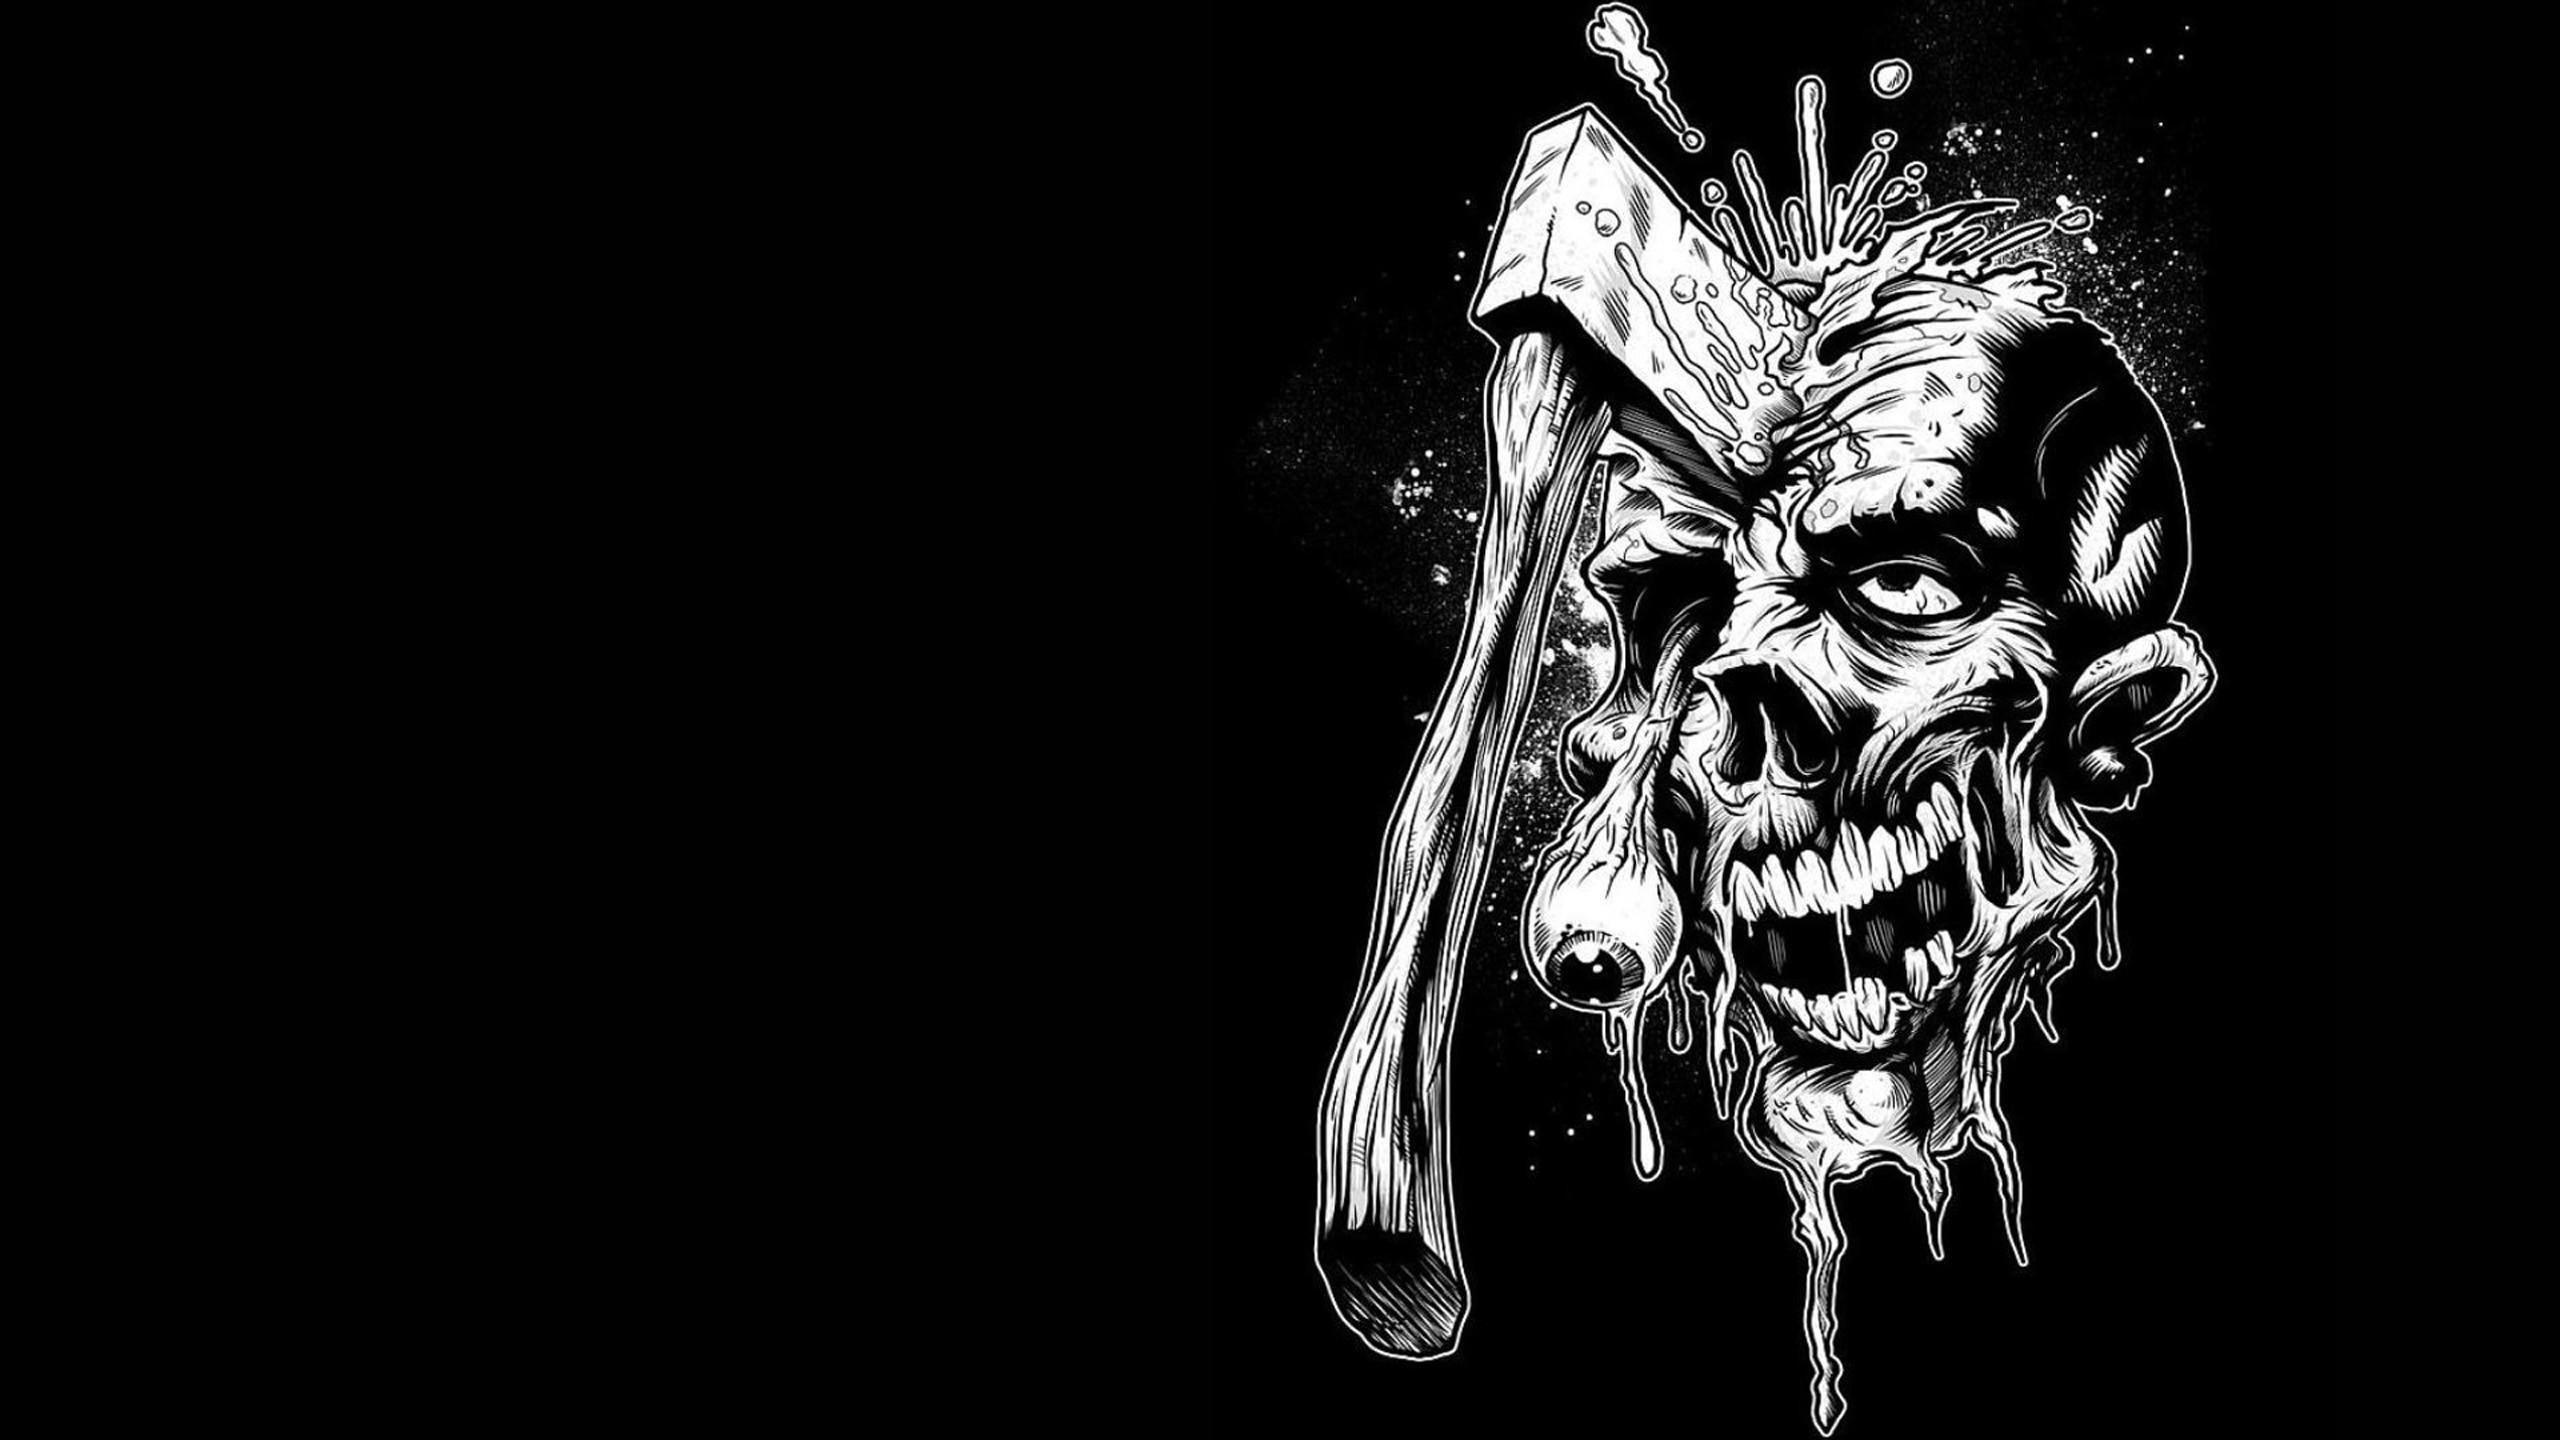 Evil skull wallpaper - Skull 4k images ...